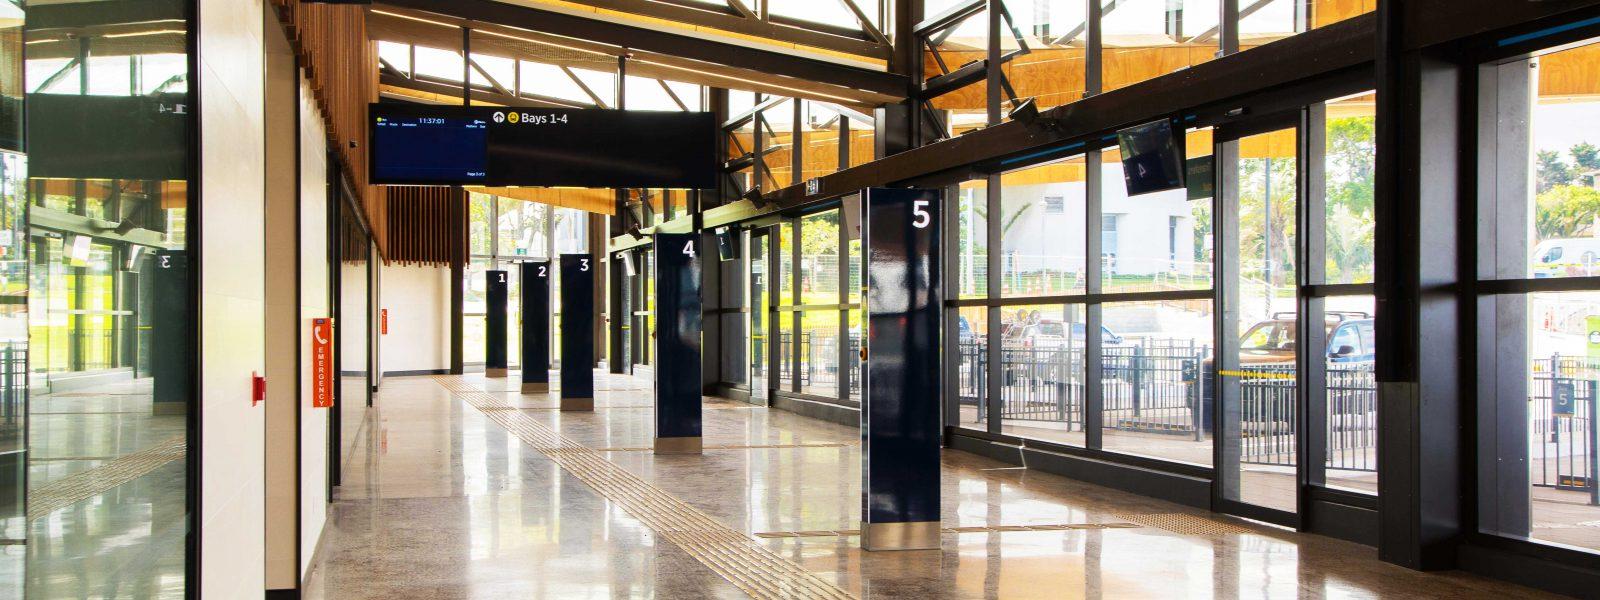 Manukau-bus-station-#1